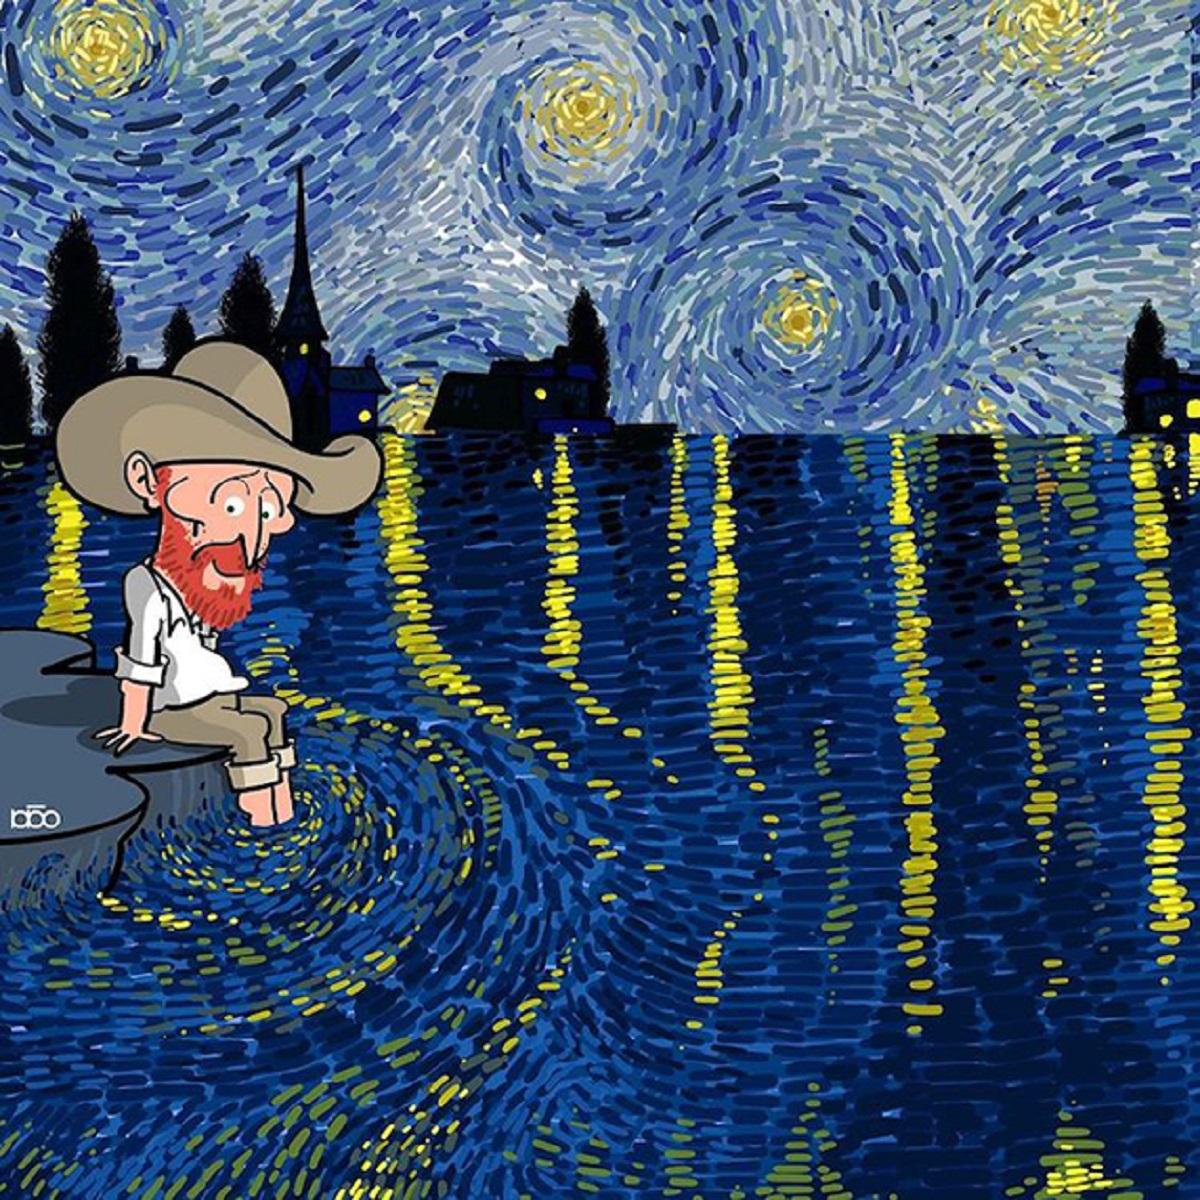 Karimi Van Gogh 13 - Ilustrador Iraniano desenhou a vida de Van Gogh em lindos quadrinhos